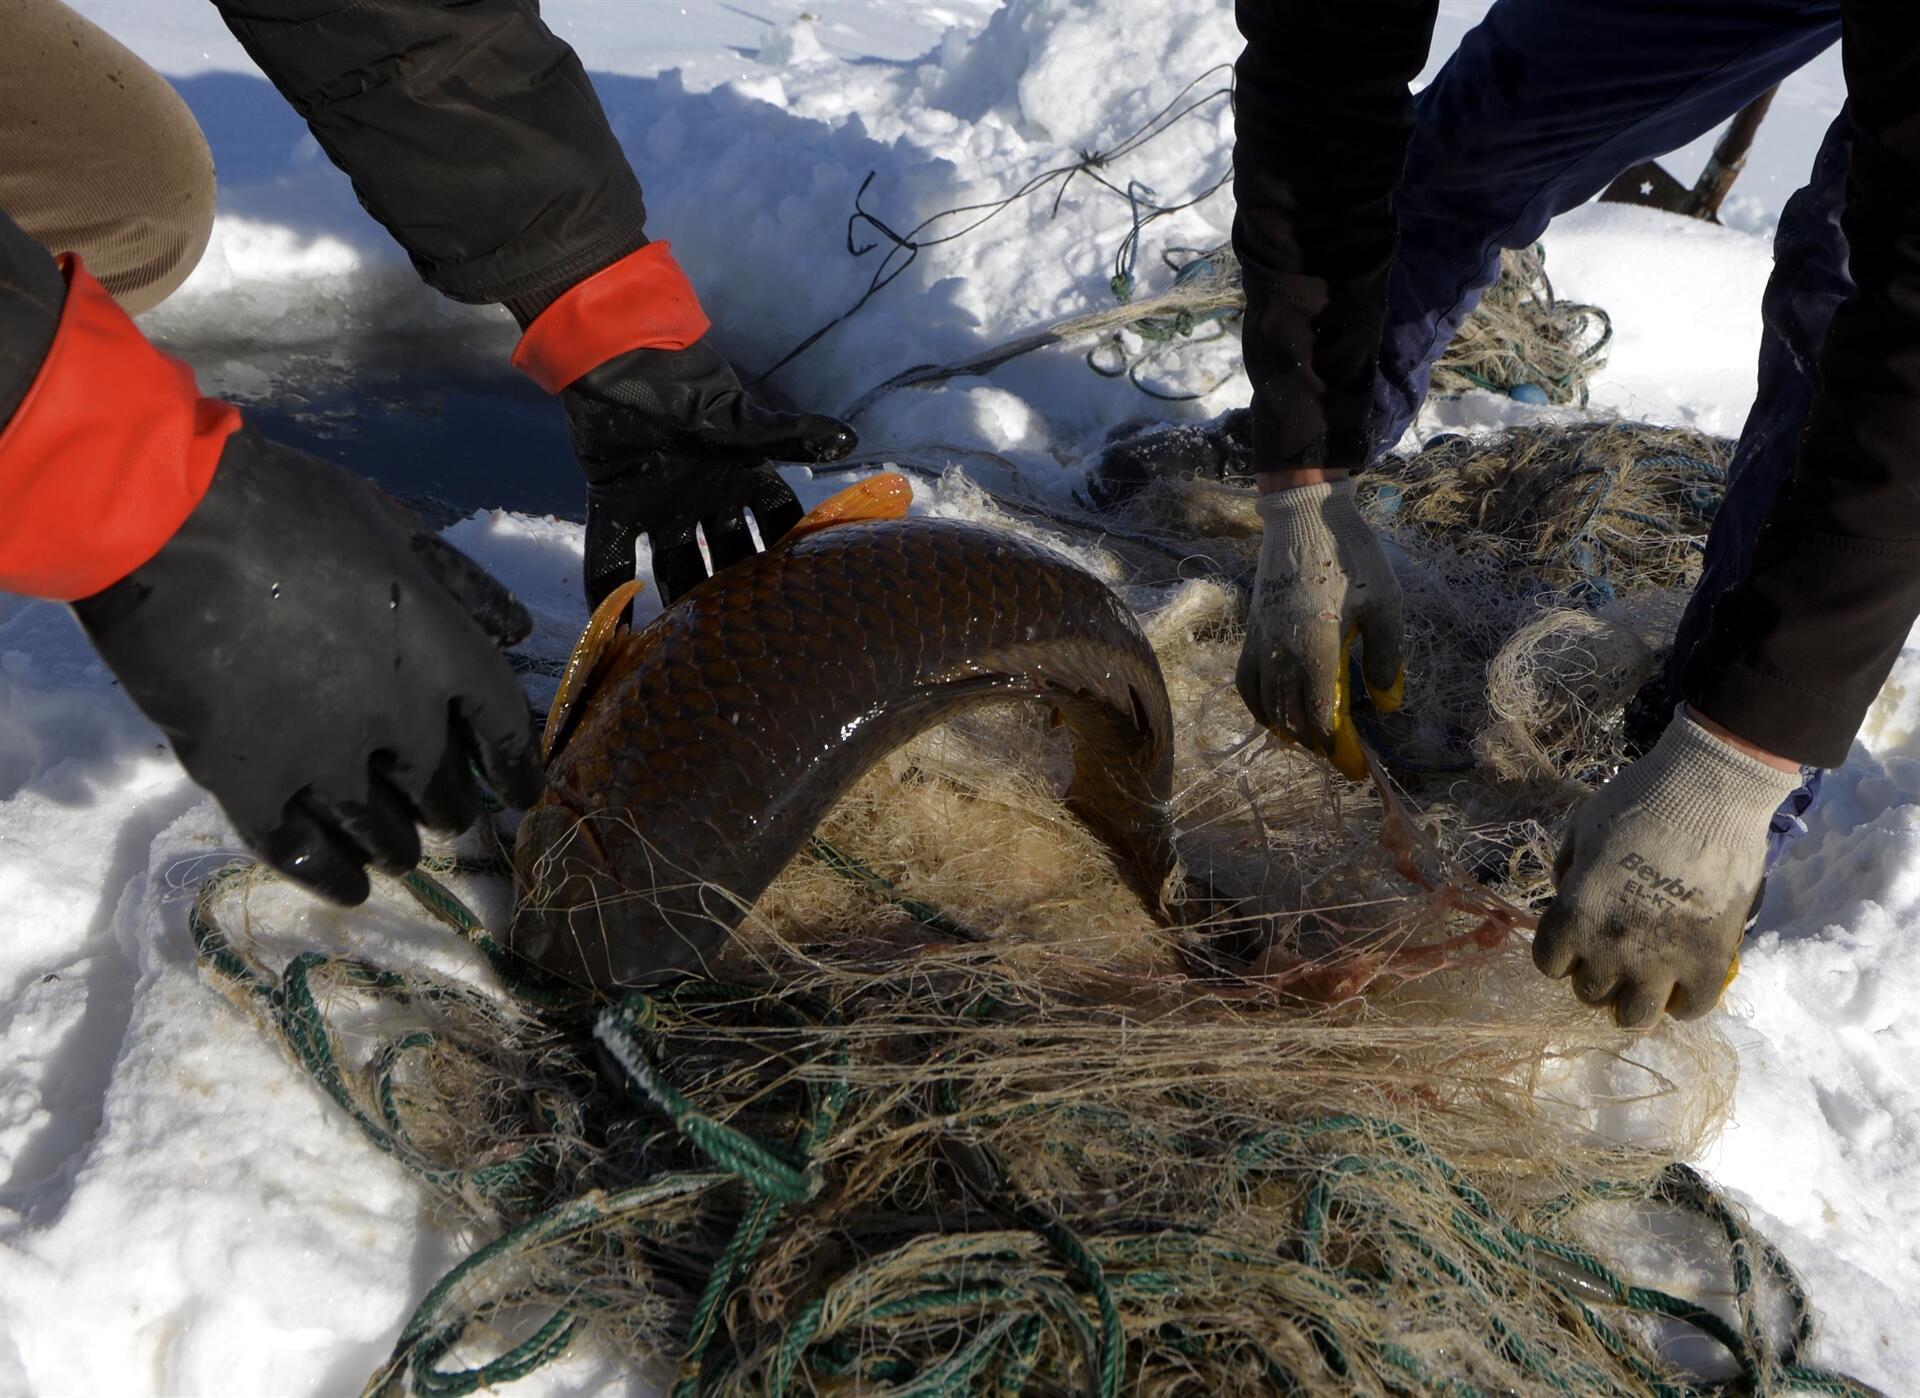 20 yıldır Eskimo usulü yapıyor! Çıldır Gölü'nden en büyüğünü yakaladı